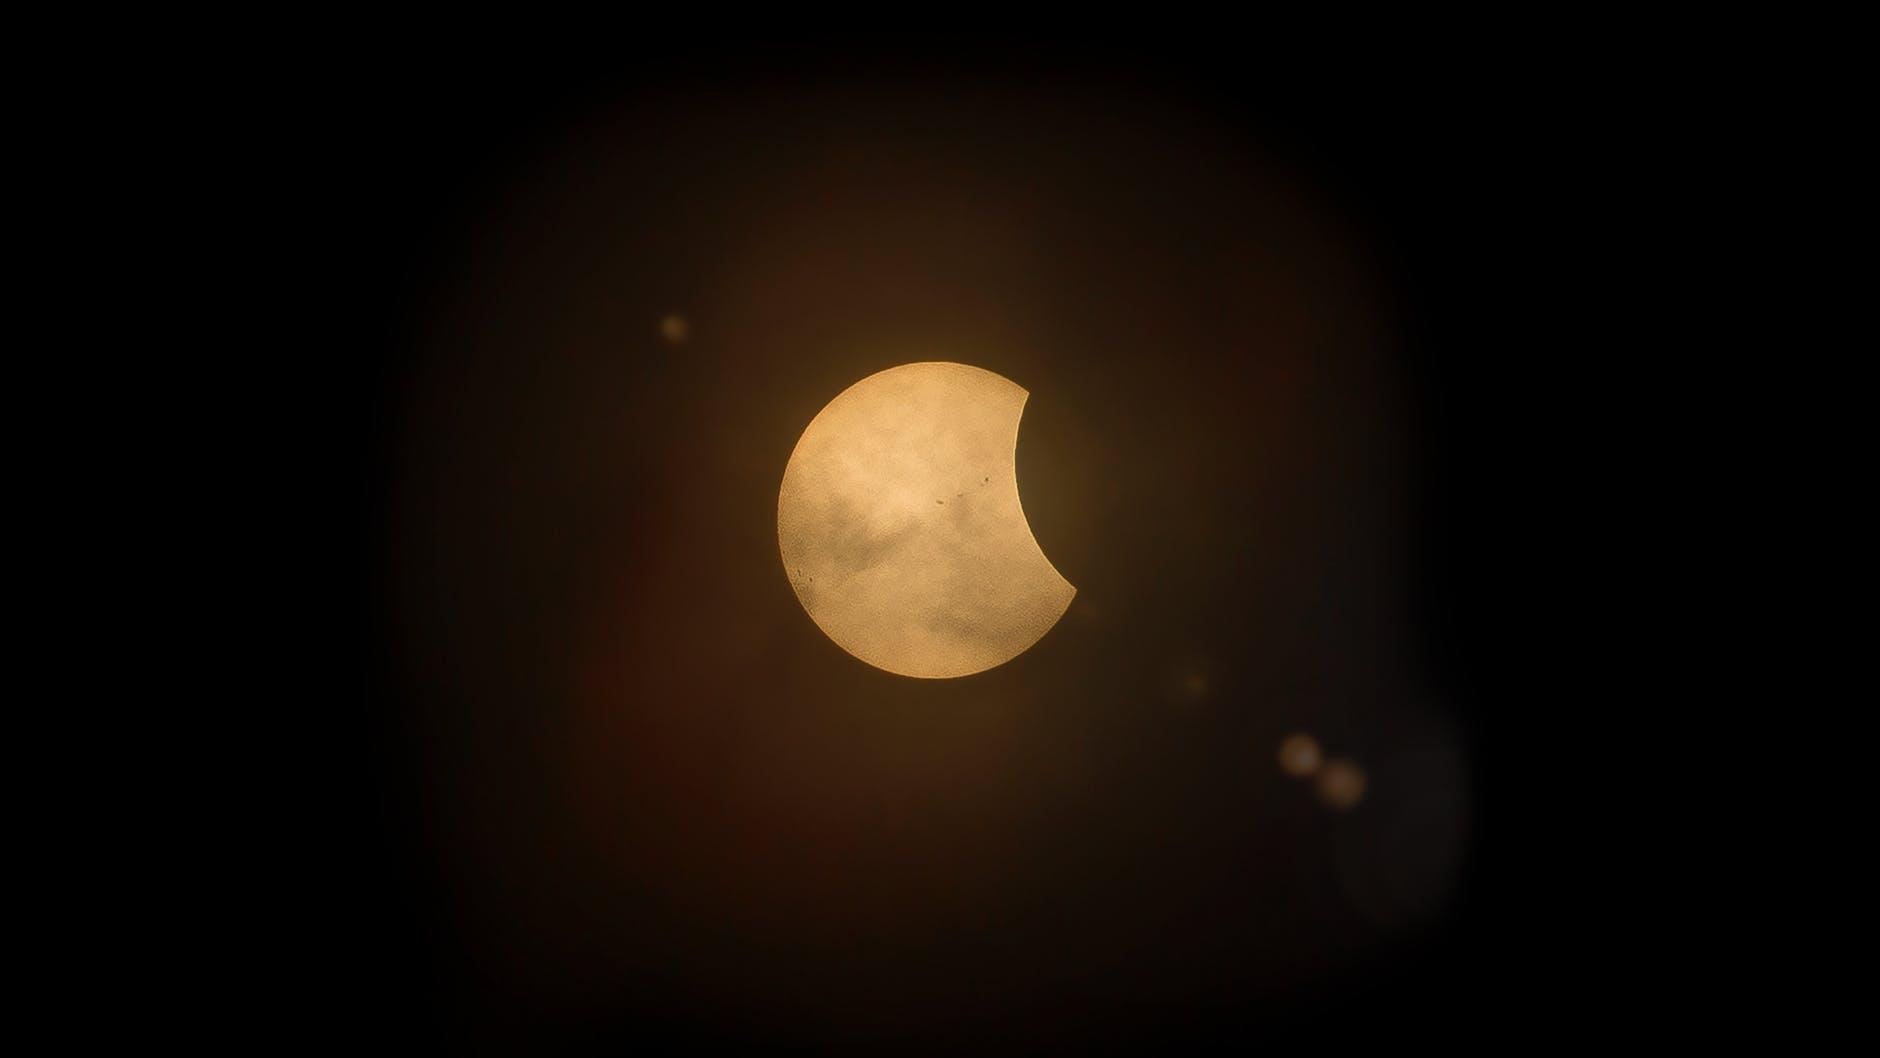 Планетарий Мадрида будет транслировать частичное солнечное затмение 10 июня